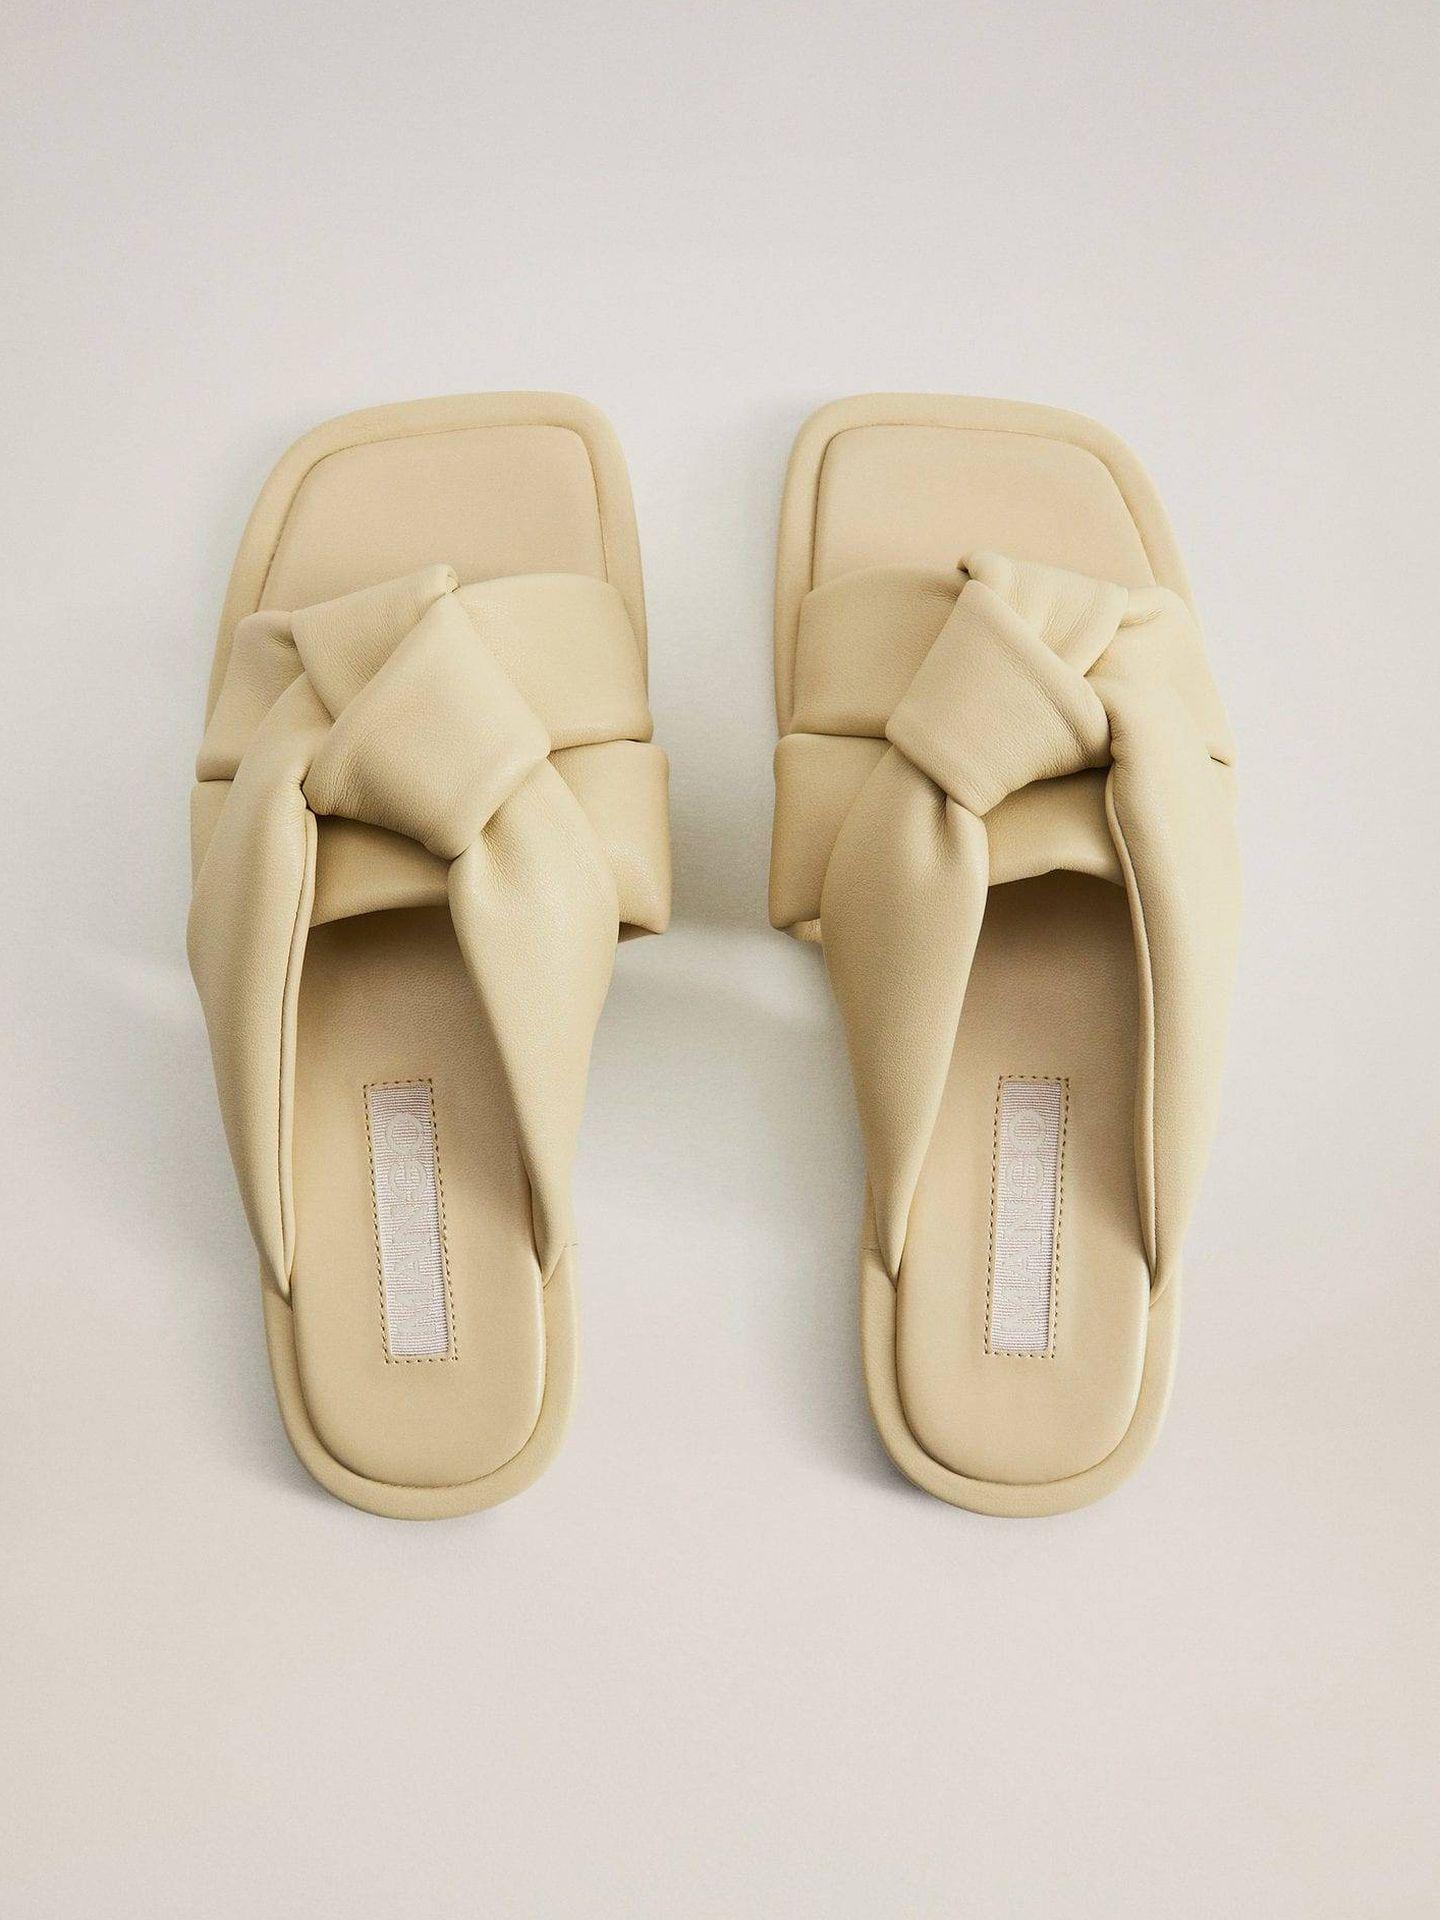 Las sandalias planas de Mango. (Cortesía)